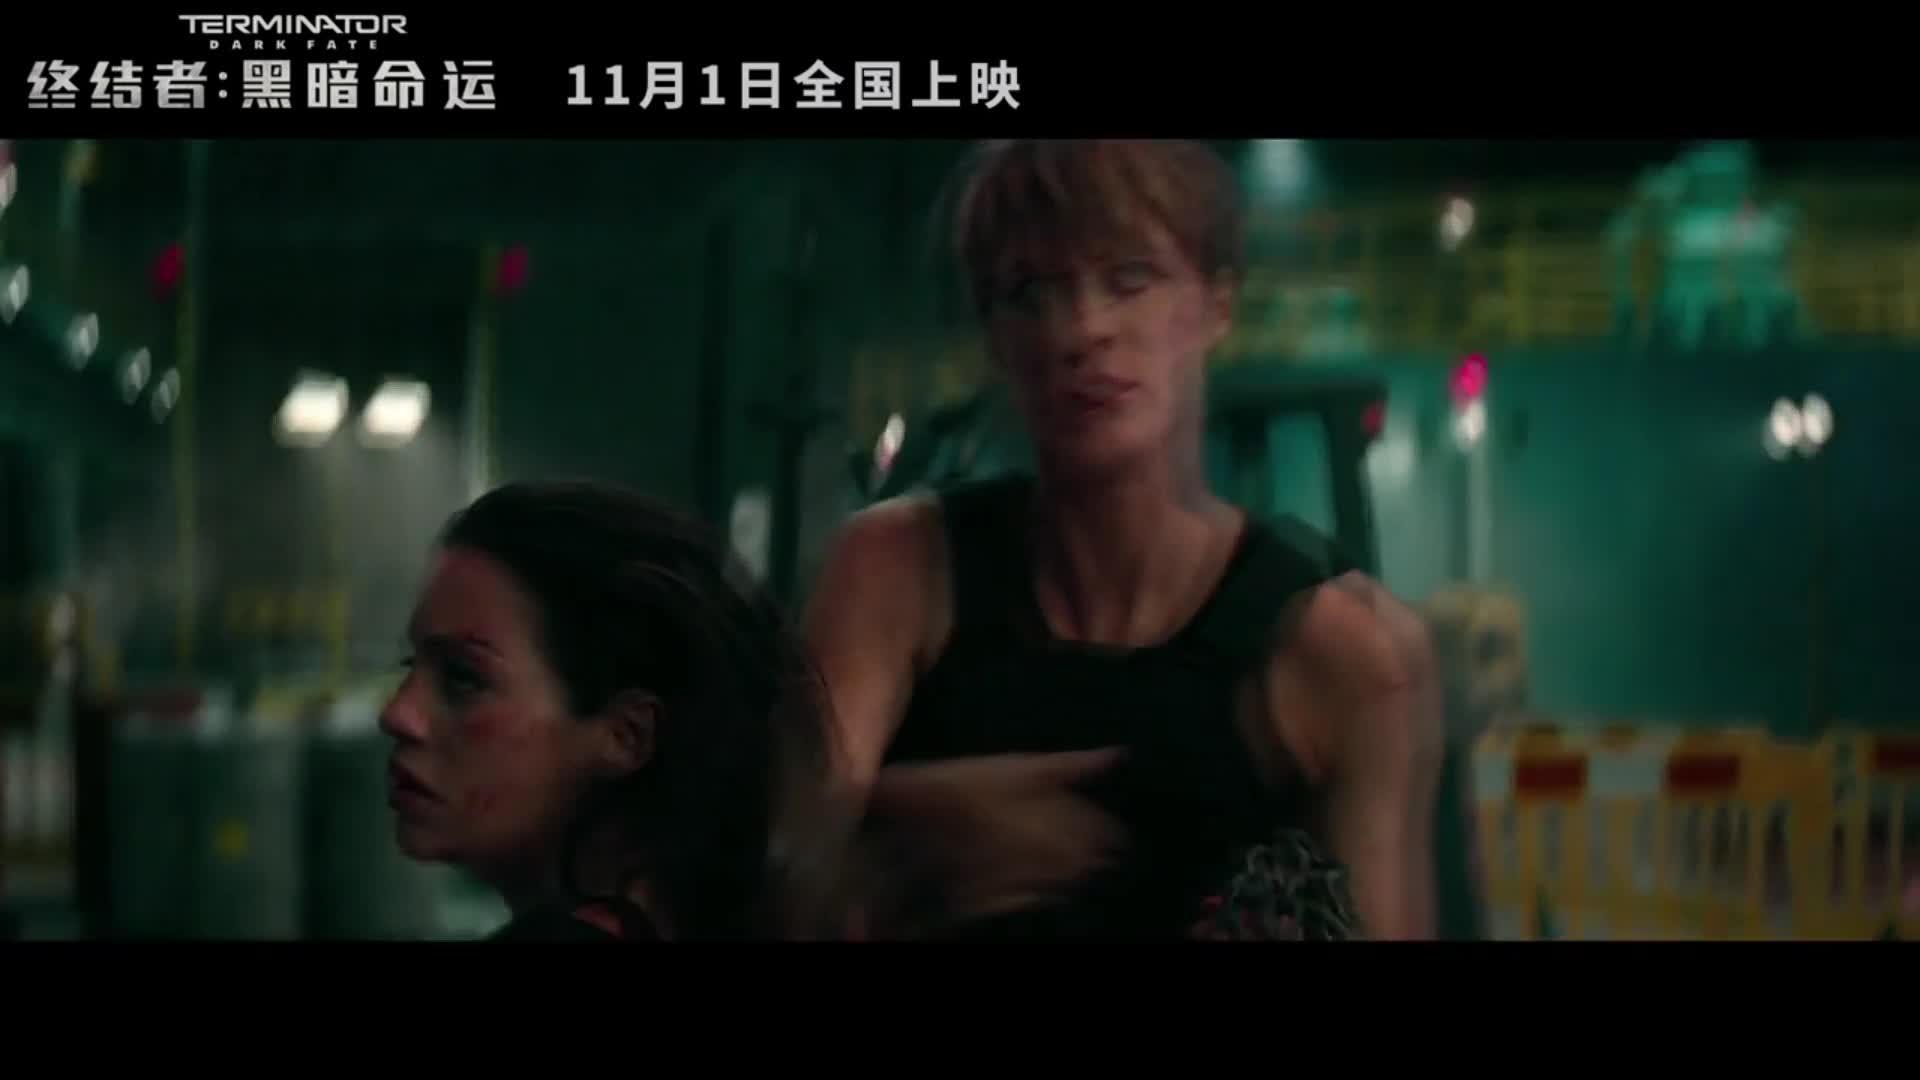 Terminator: Dark Fate - TV Spots 9-12 [HD] screen capture